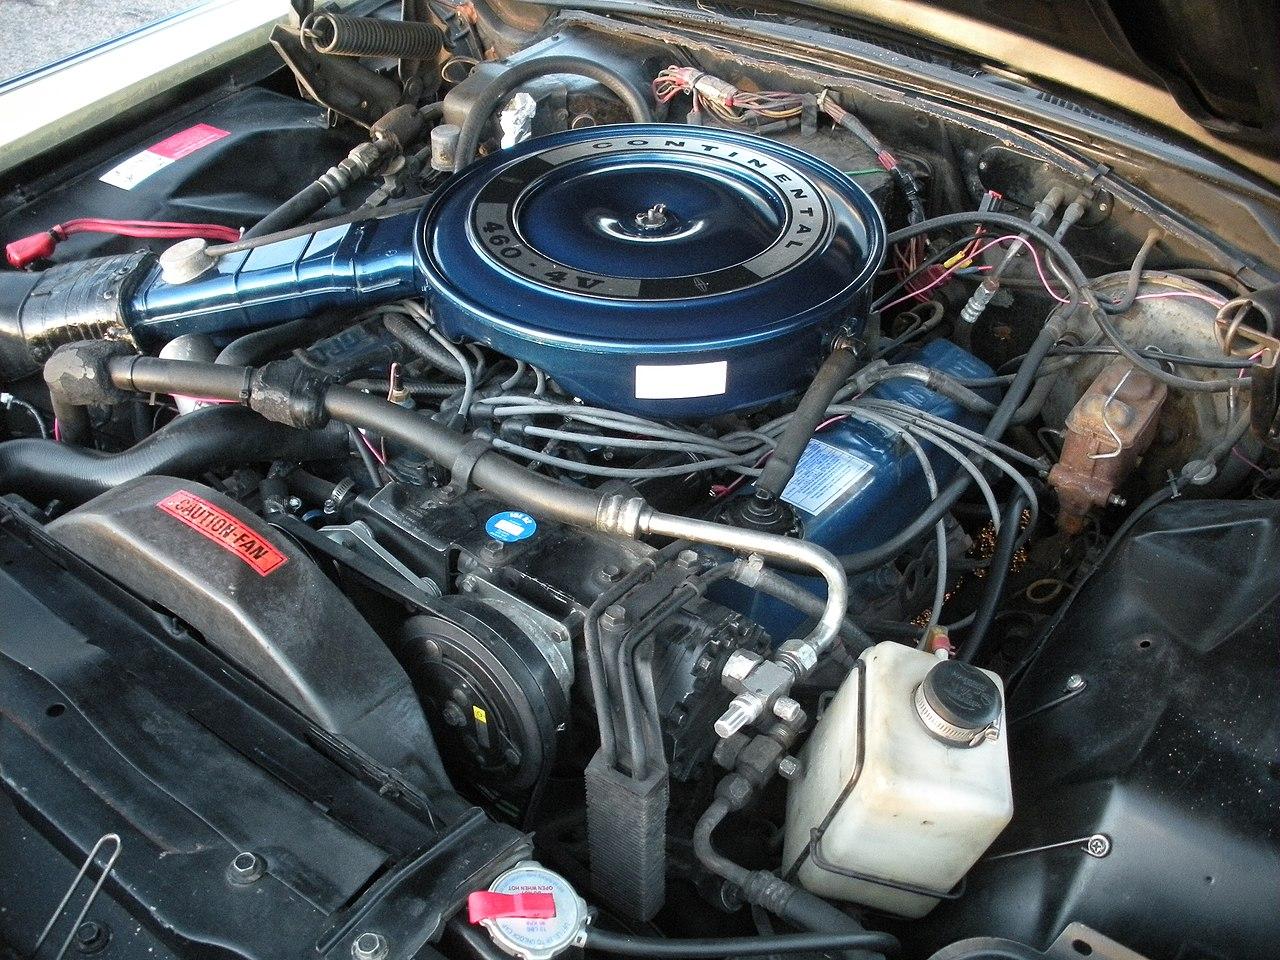 1967 Mustang Engine Wiring Diagram